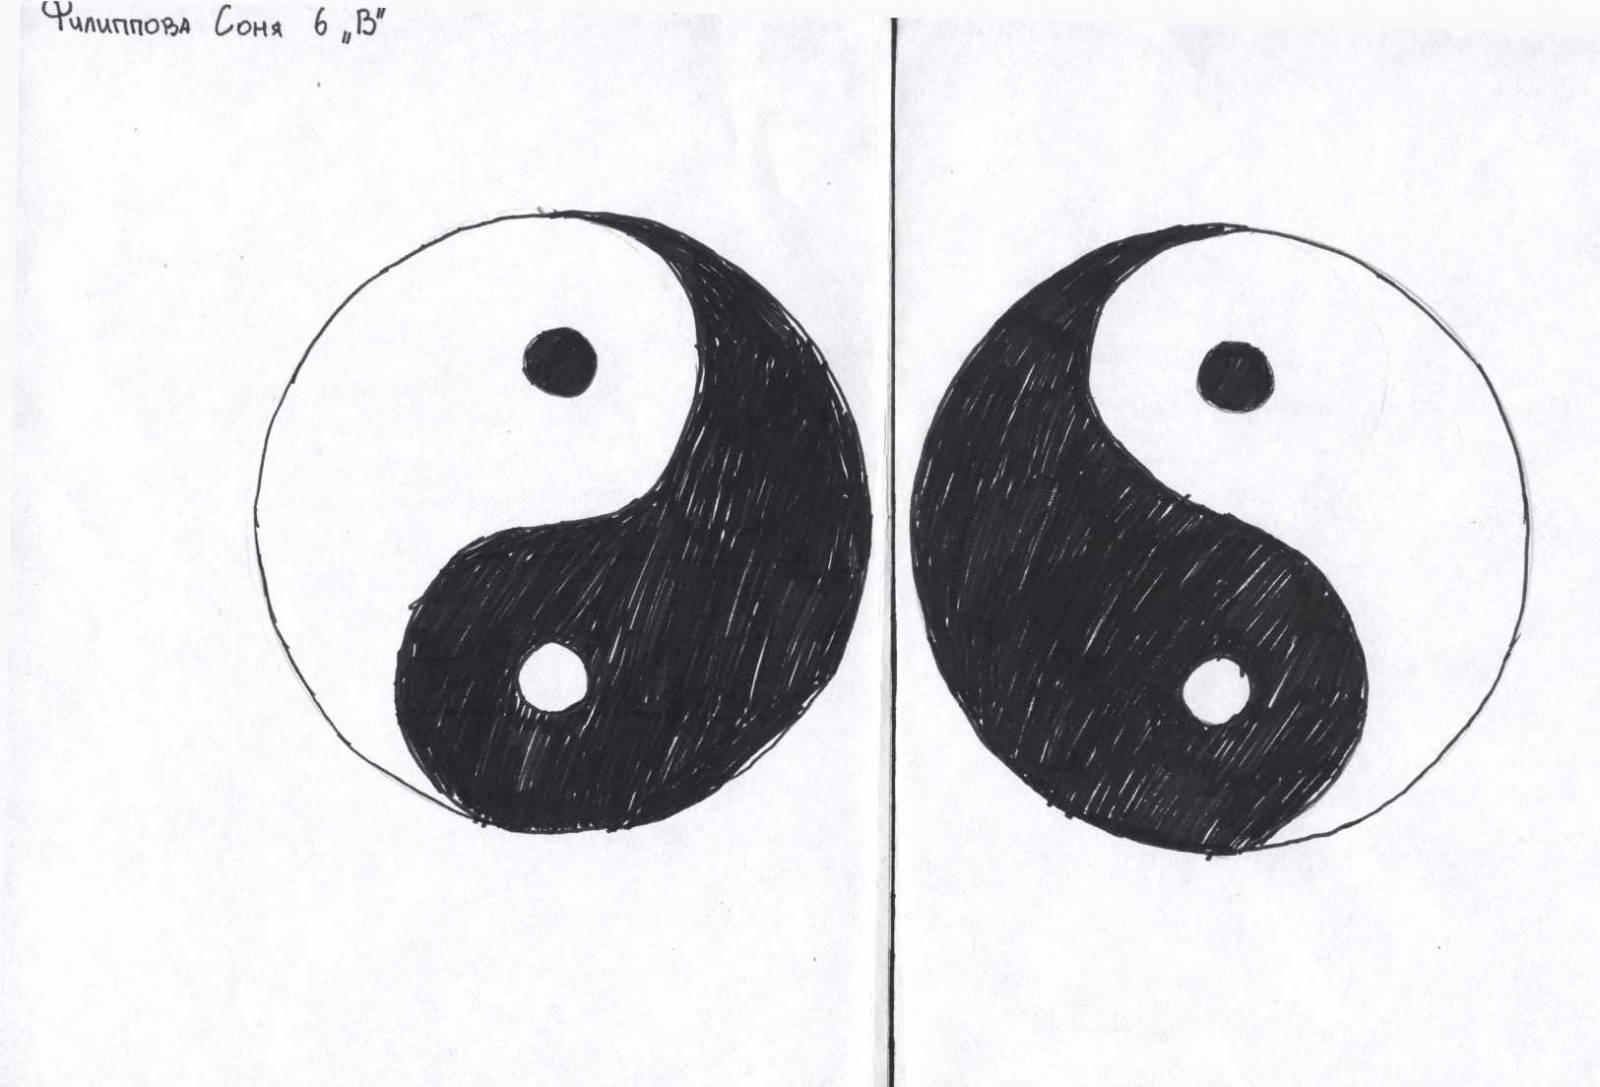 Осевая симметрия рисунки, бесплатные ...: pictures11.ru/osevaya-simmetriya-risunki.html